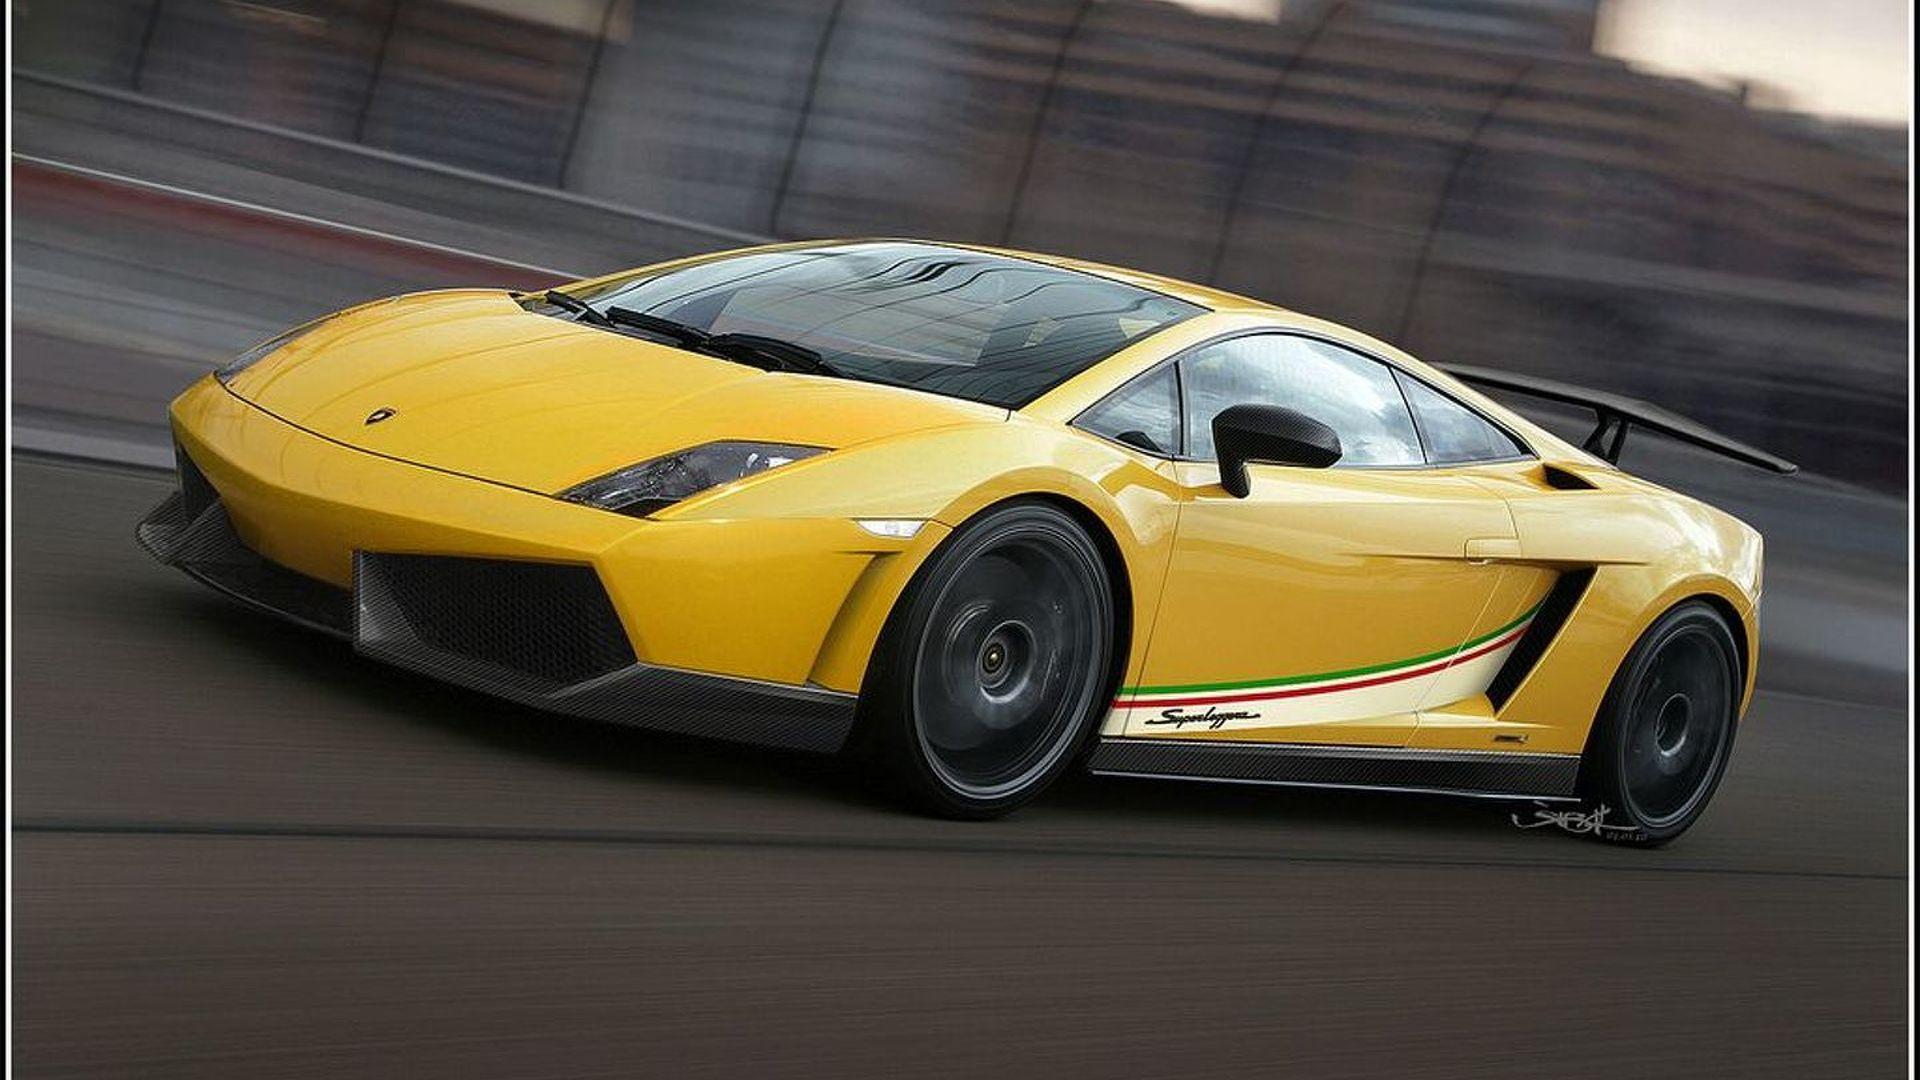 lamborghini gallardo lp570 4 superleggera further details and renderings surface - Lamborghini Gallardo Superleggera Lp570 4 Yellow